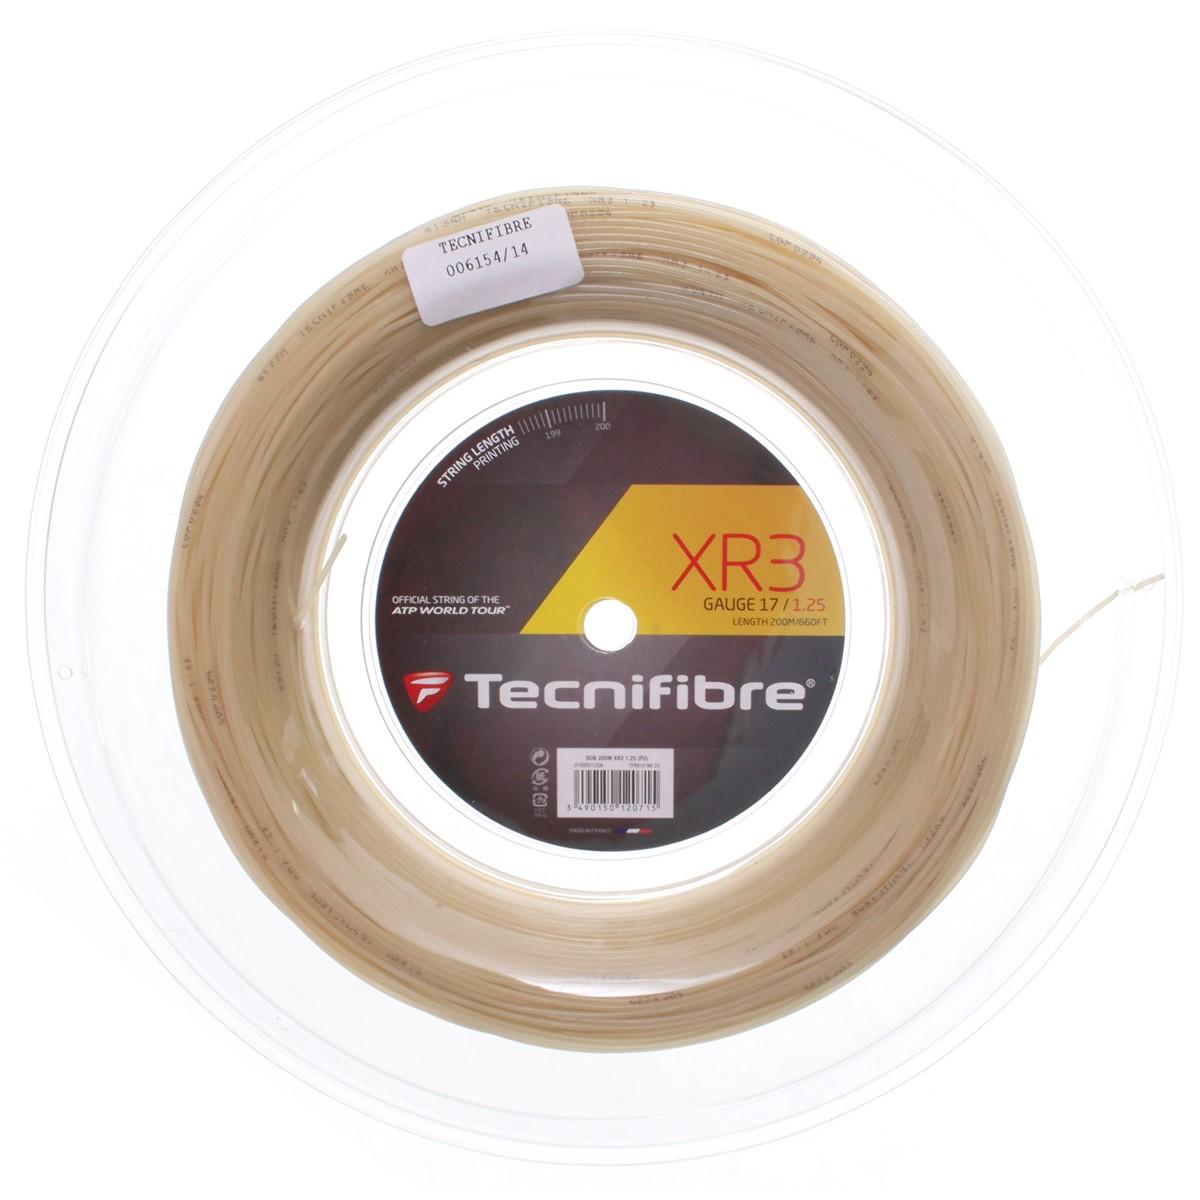 REEL TECNIFIBRE XR-3 (200 METRES)